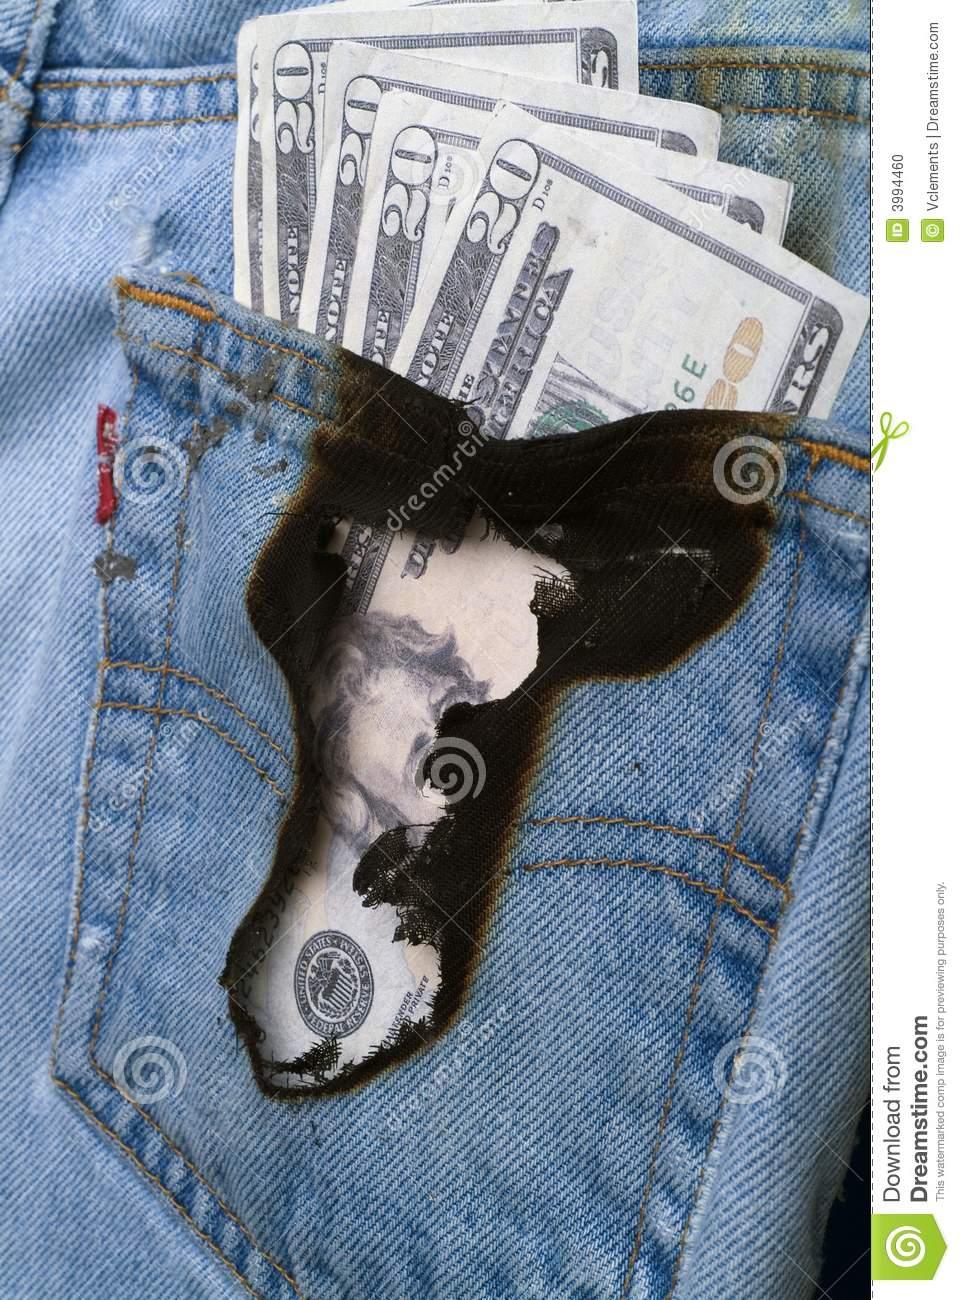 burning-hole-my-pocket-2-3994460